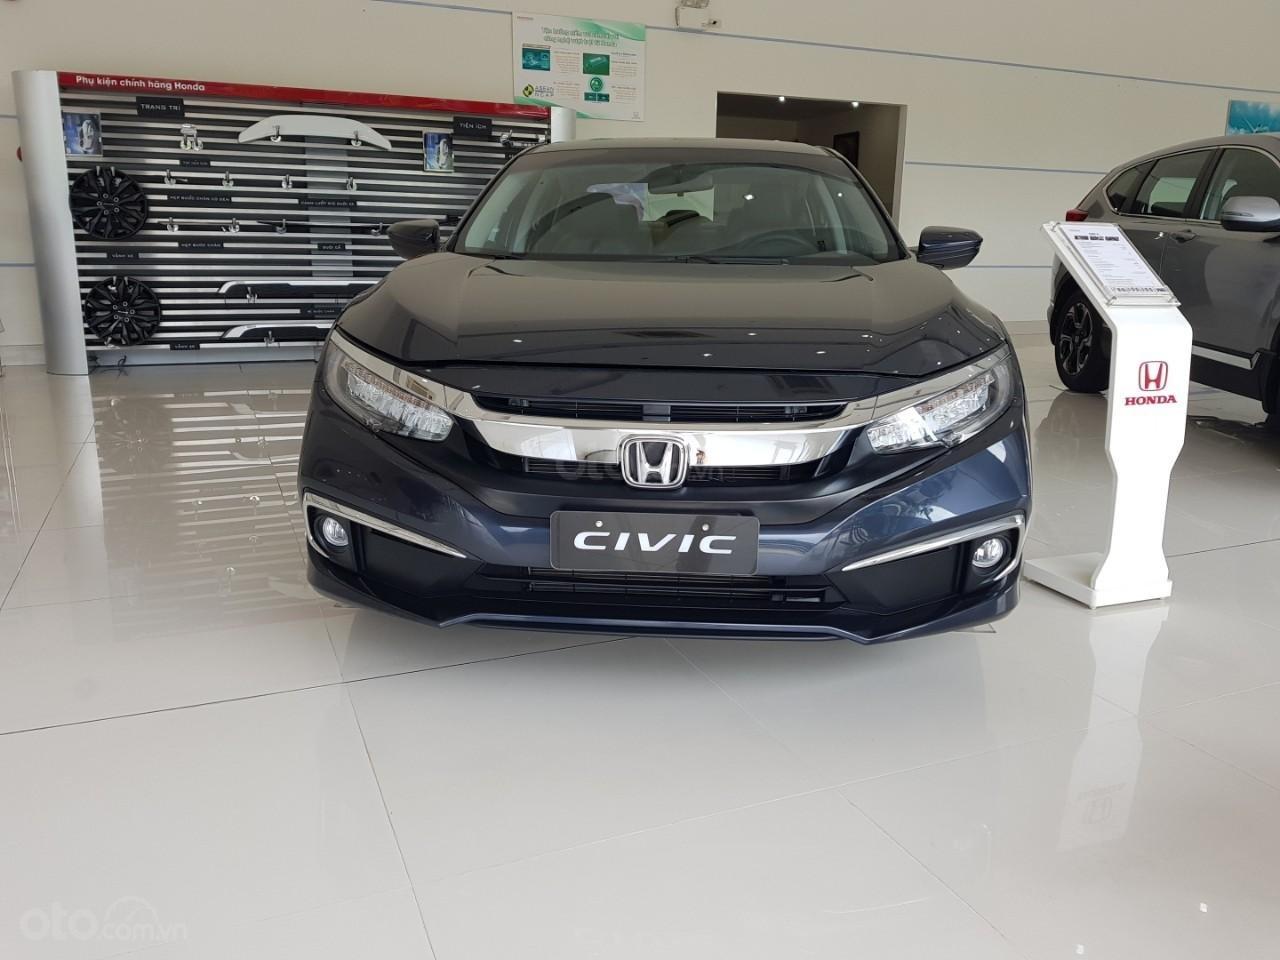 Bán Honda Civic 2019 mẫu mới, giá tốt, hỗ trợ trả góp lãi suất thấp, bao hồ sơ vay-0